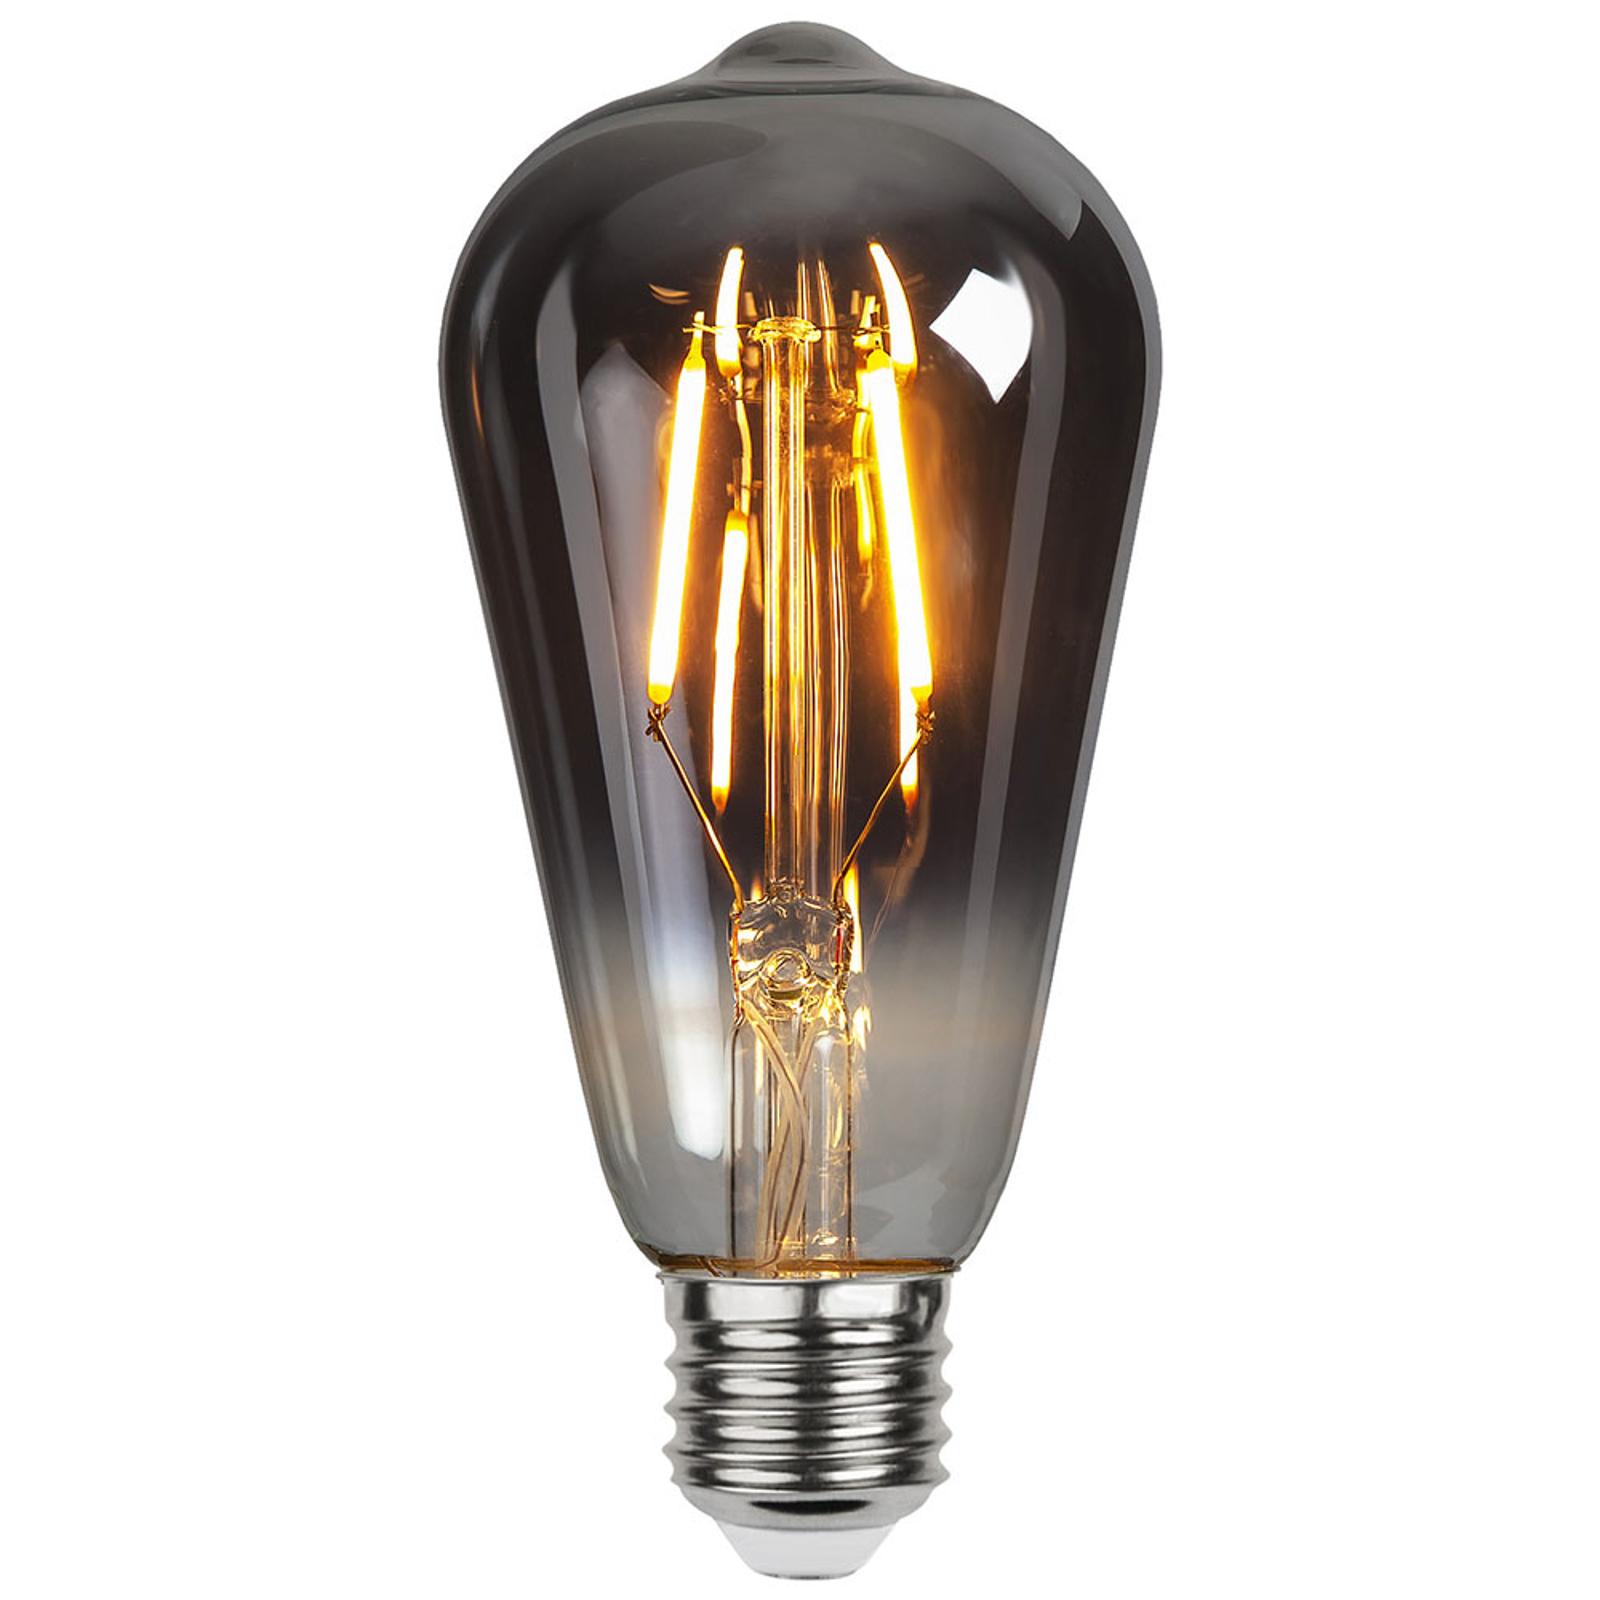 LED-pære E27 1,8W ST64 Plain Smoke 2100K 80lm